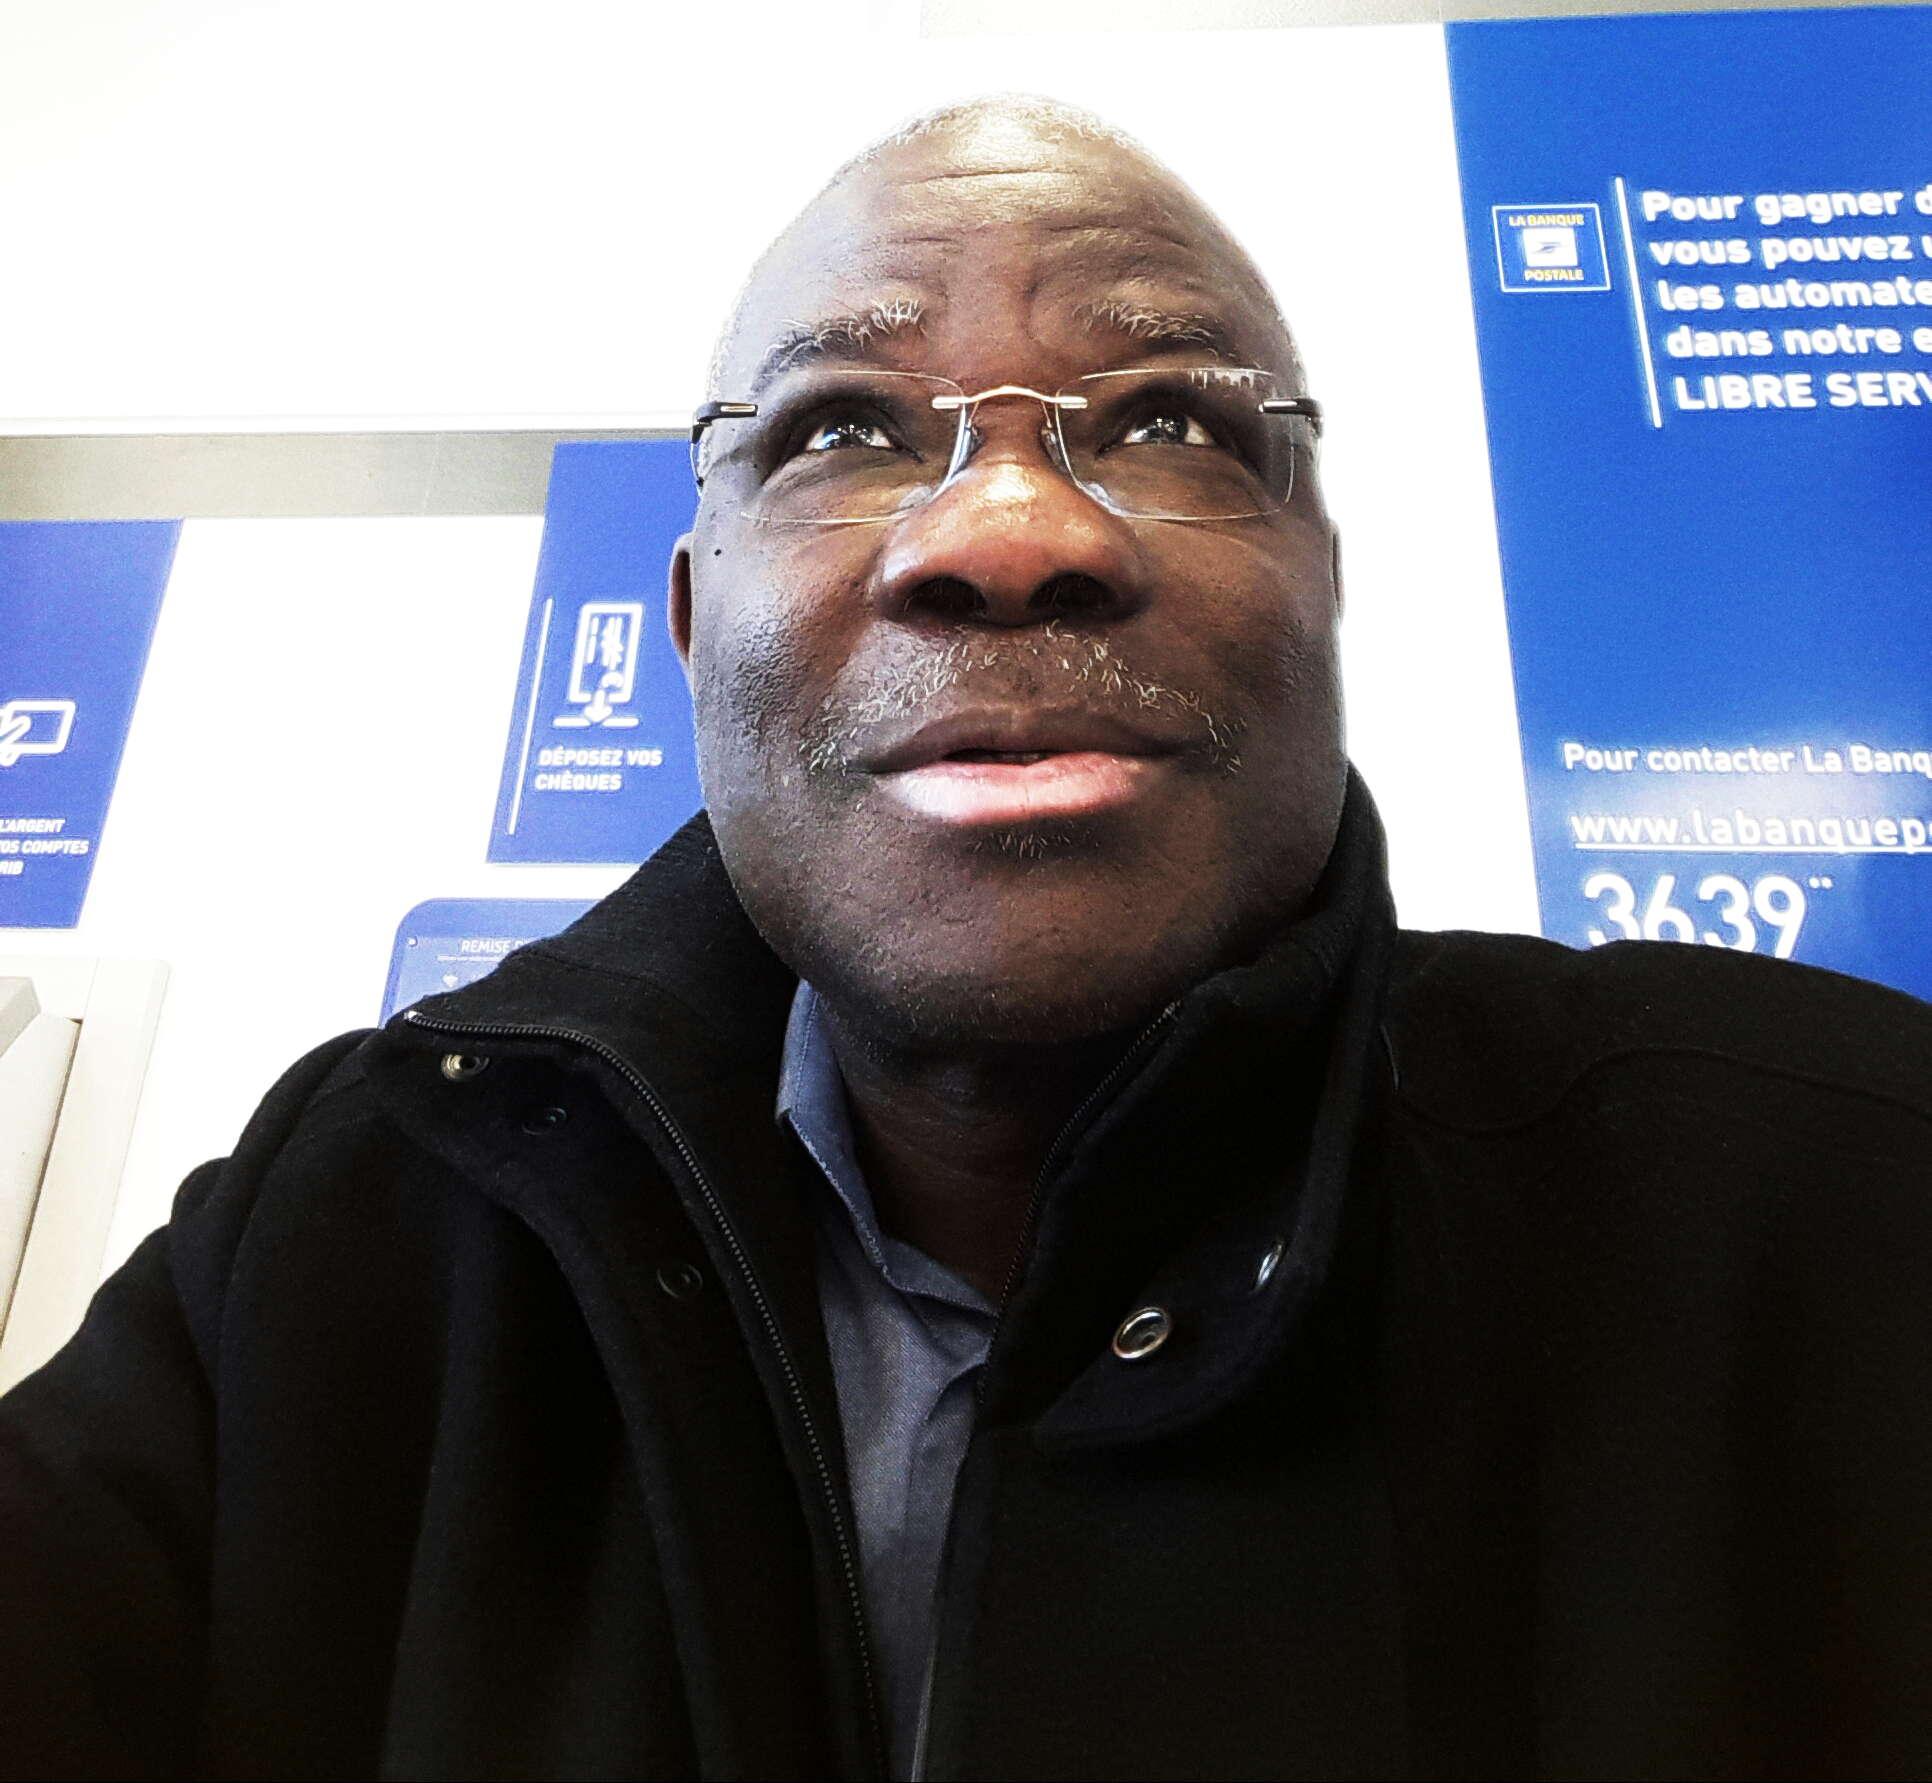 Côte d'Ivoire | Eric Kahe salue la solidarité des journalistes